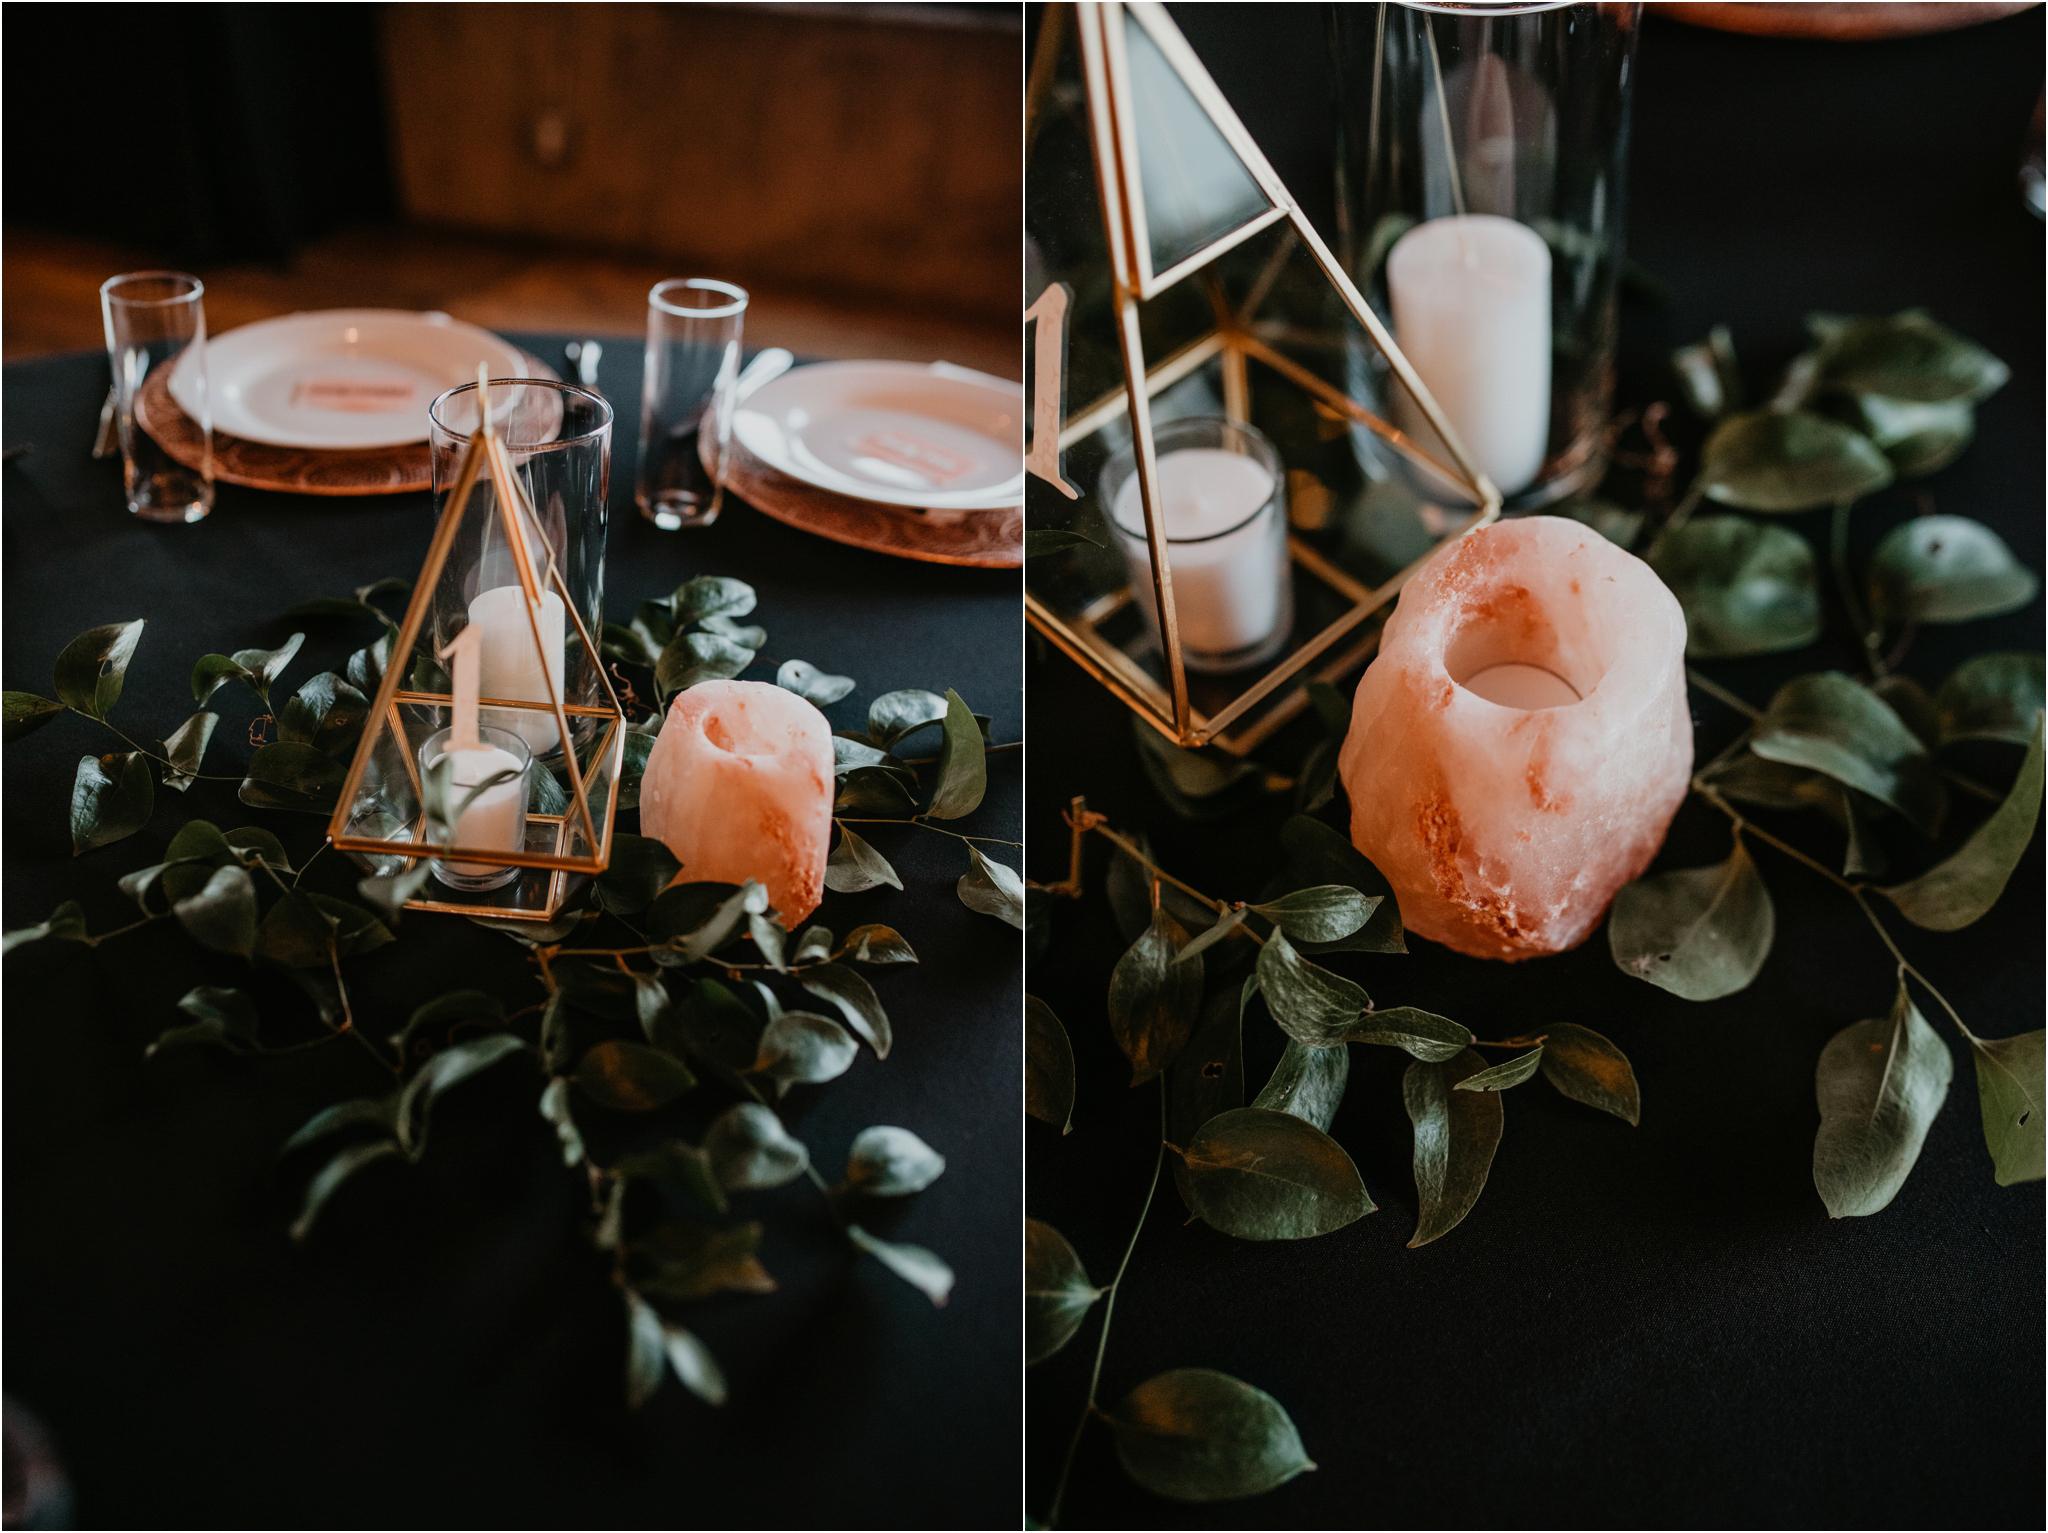 ashley-and-david-fremont-foundry-seattle-washington-wedding-photographer-104.jpg